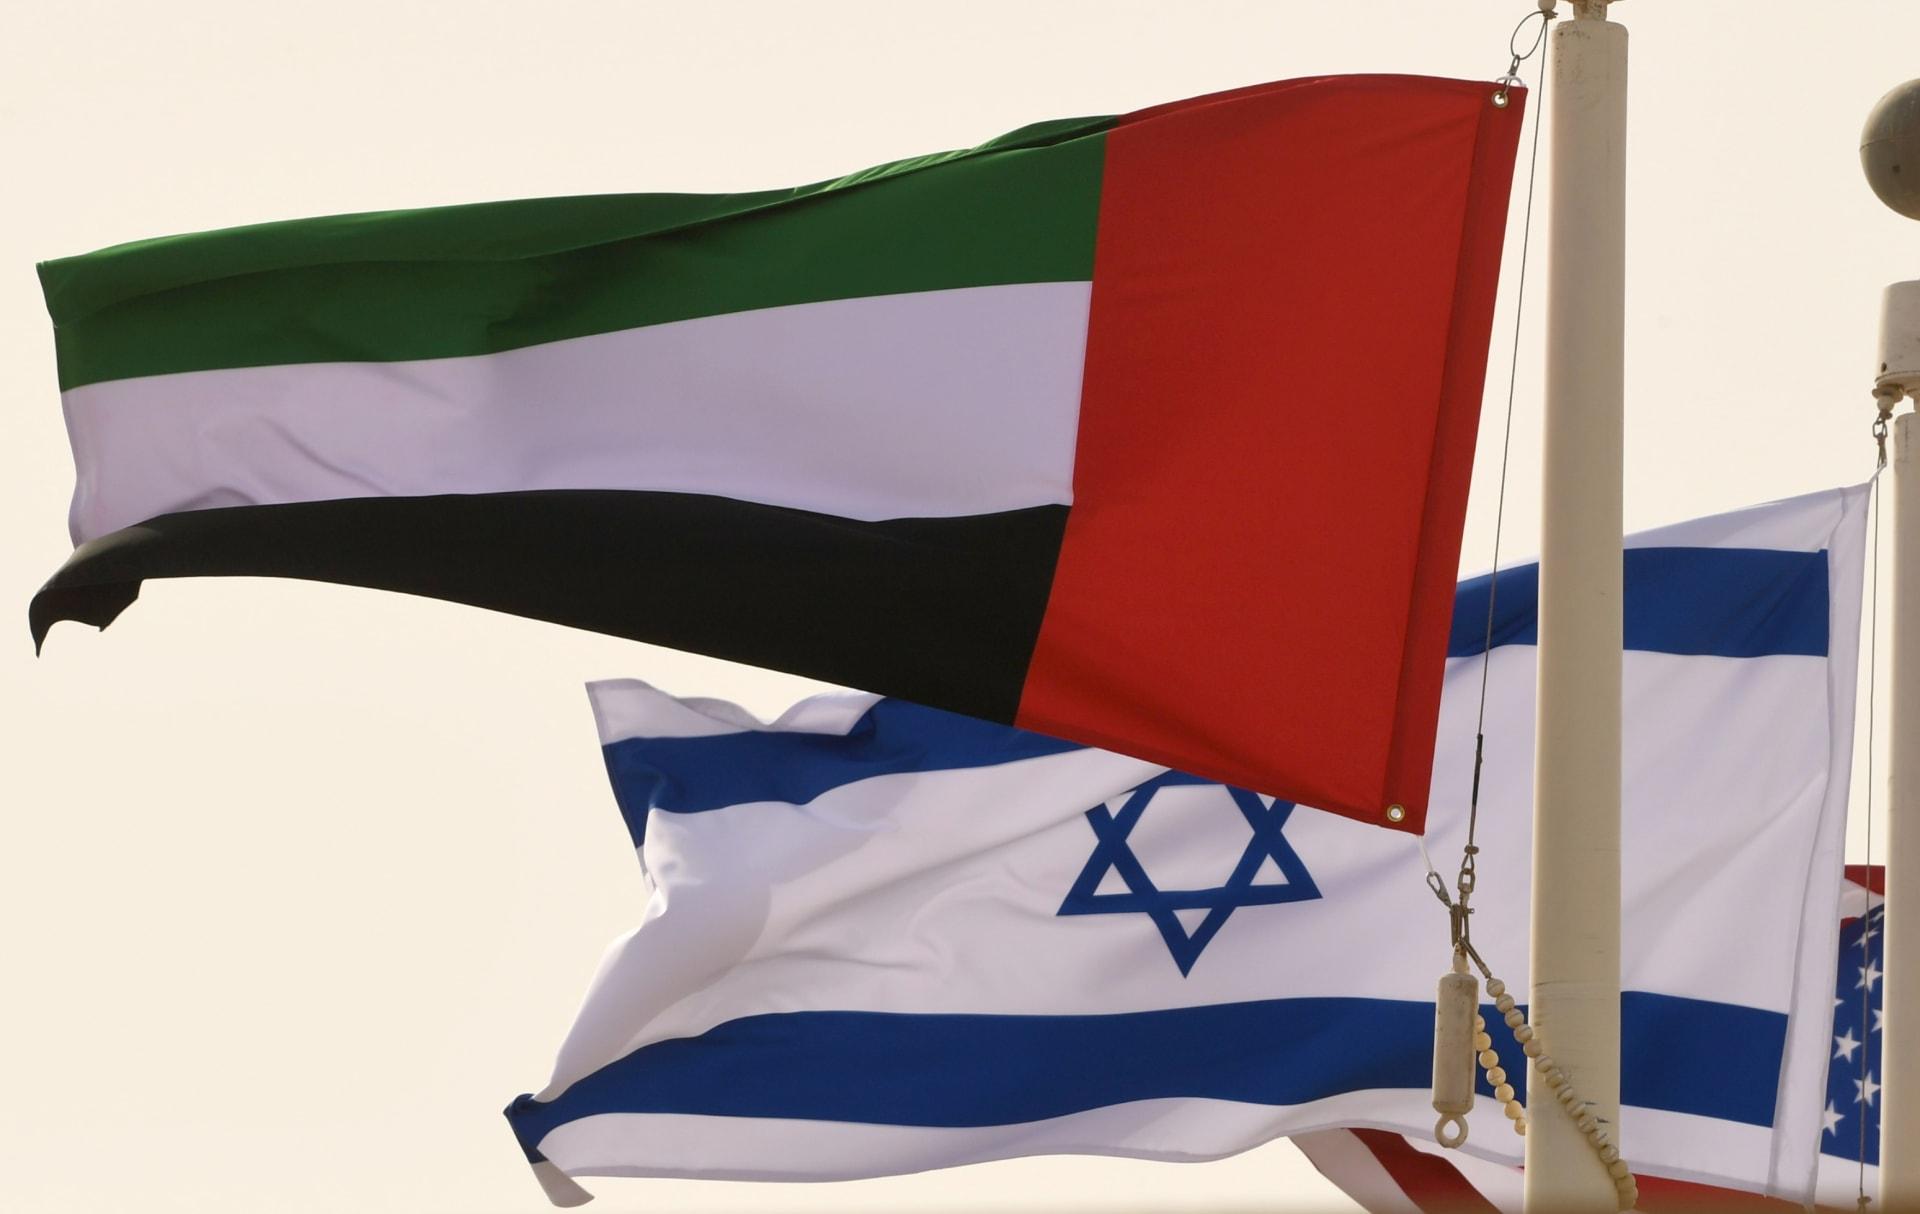 العلمان الإسرائيلي والإماراتي (صورة أرشيفية)